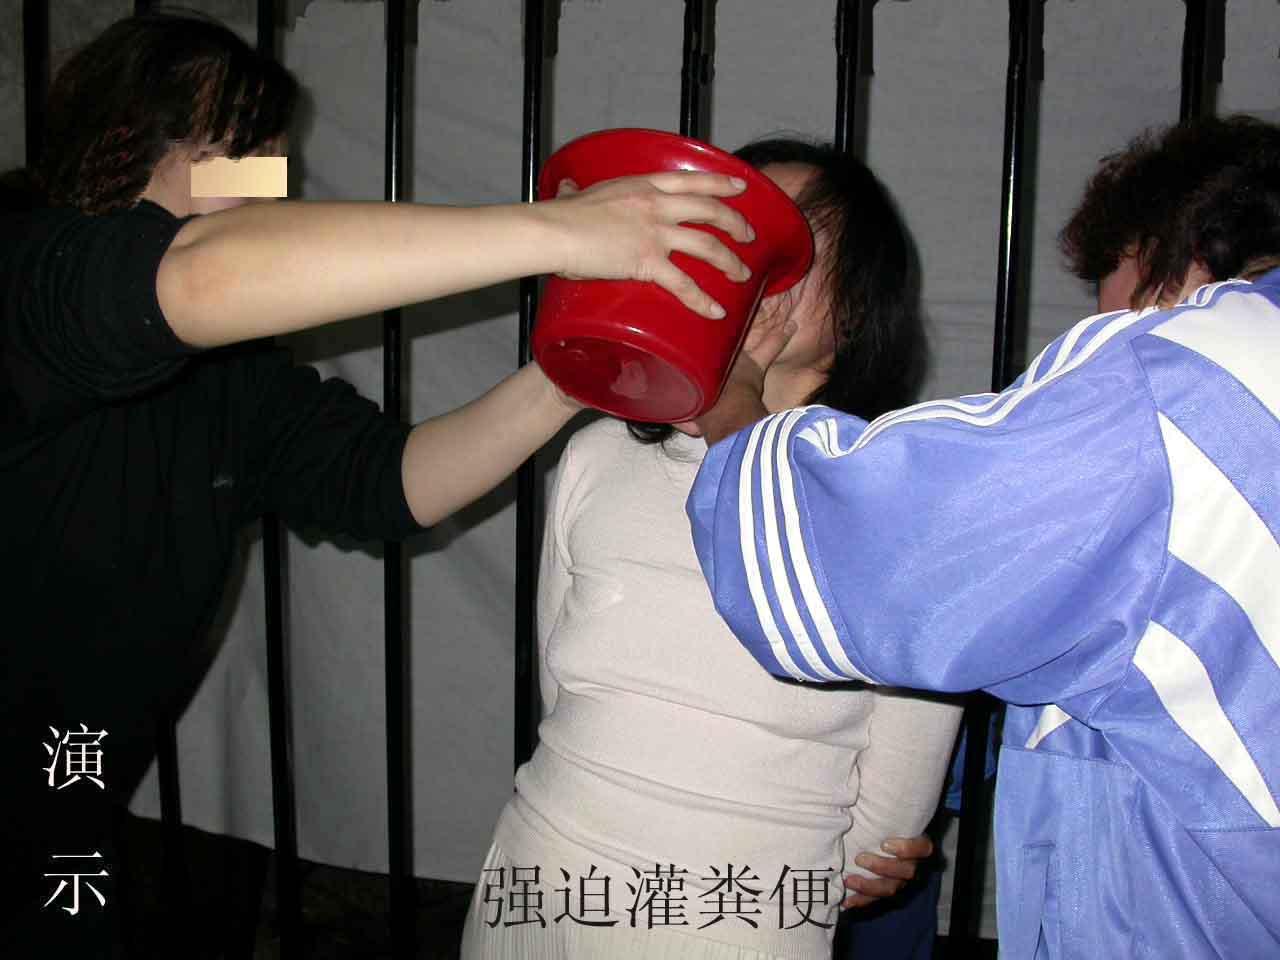 Фото издевательств в женской тюрьме 10 фотография